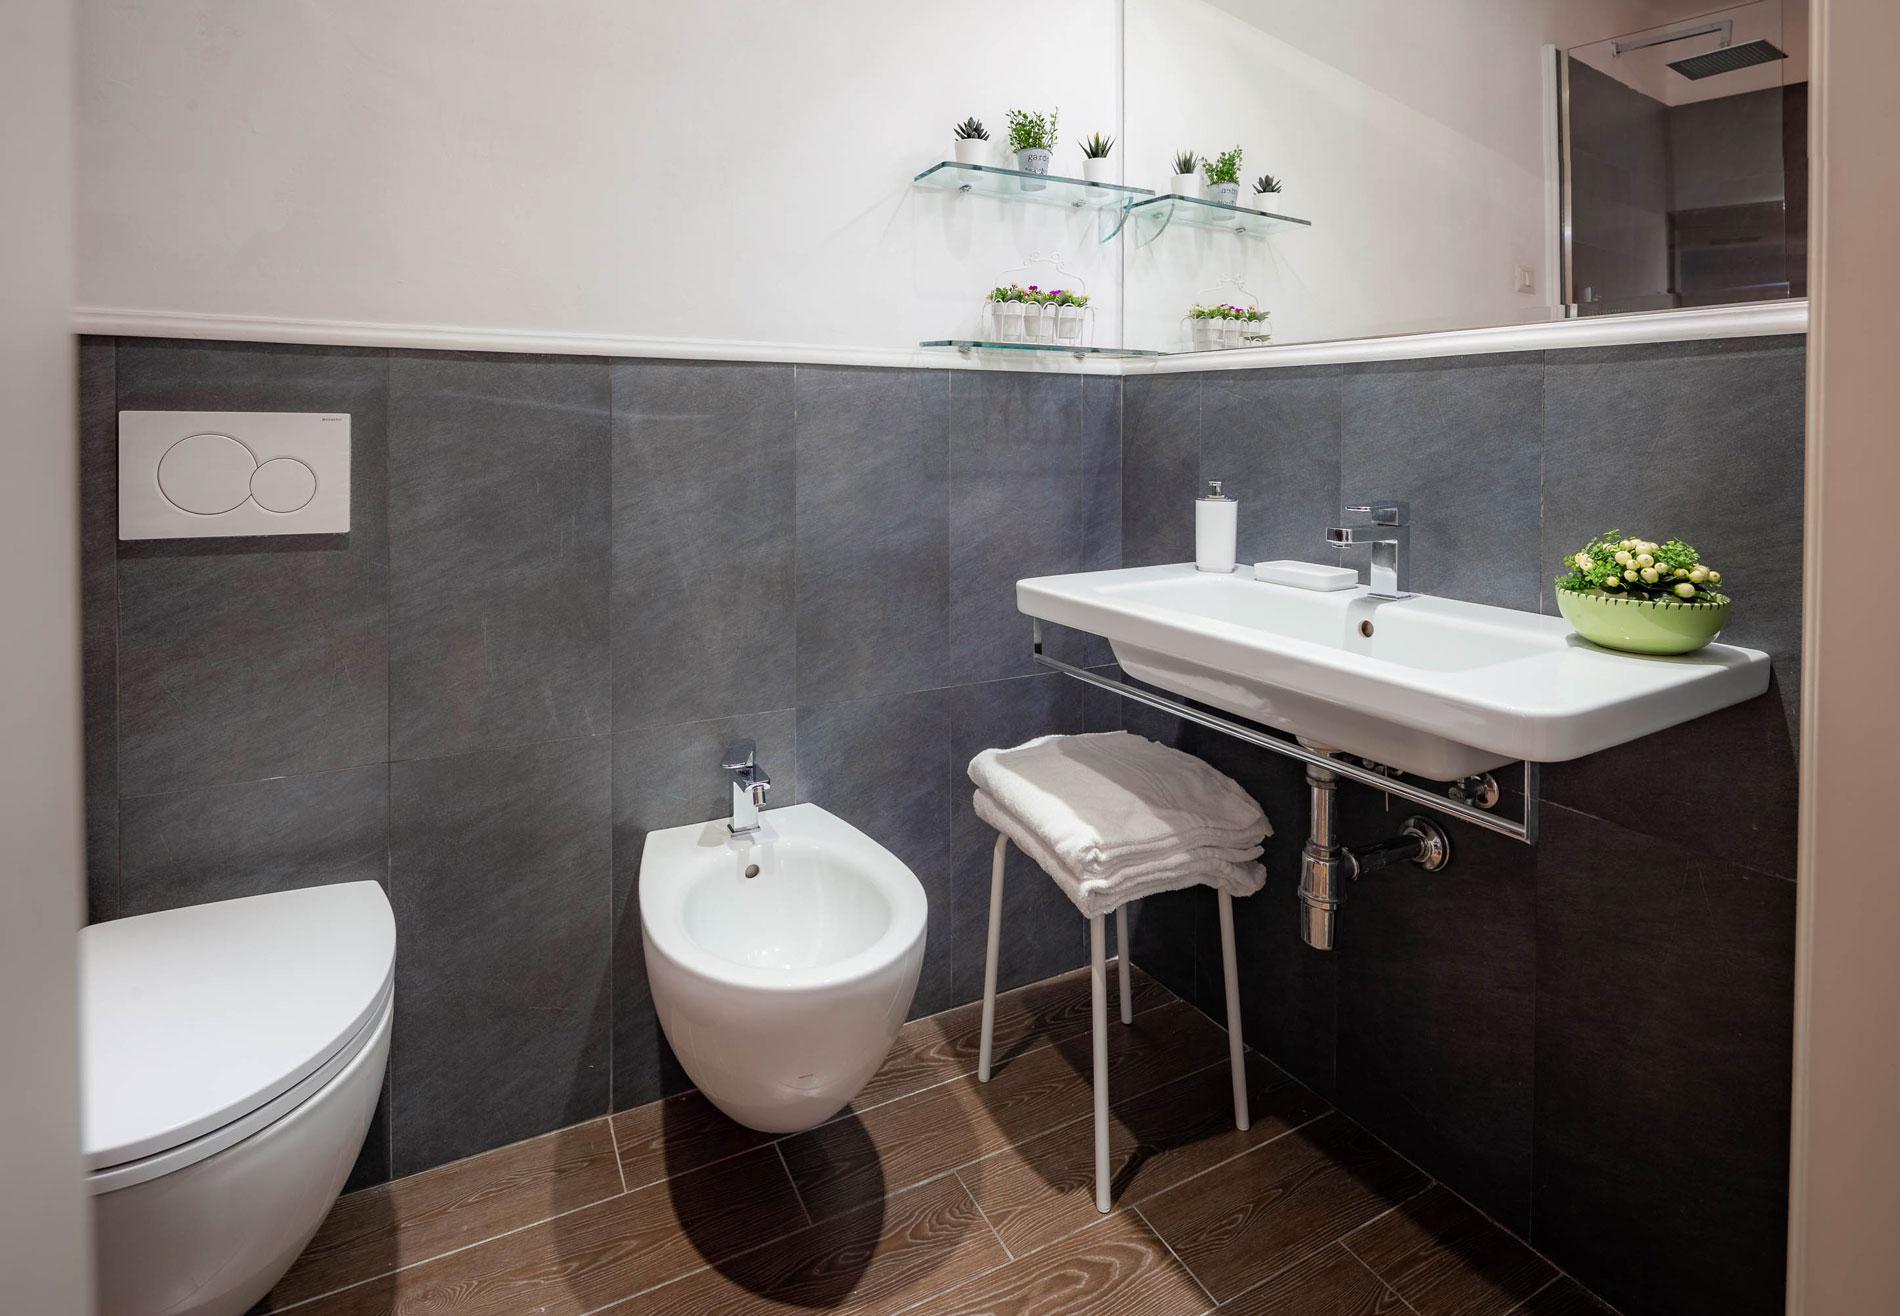 Bagno di una delle camere dell'hotel del corso in centro a Firenze, bagno recentemente rinnovato.